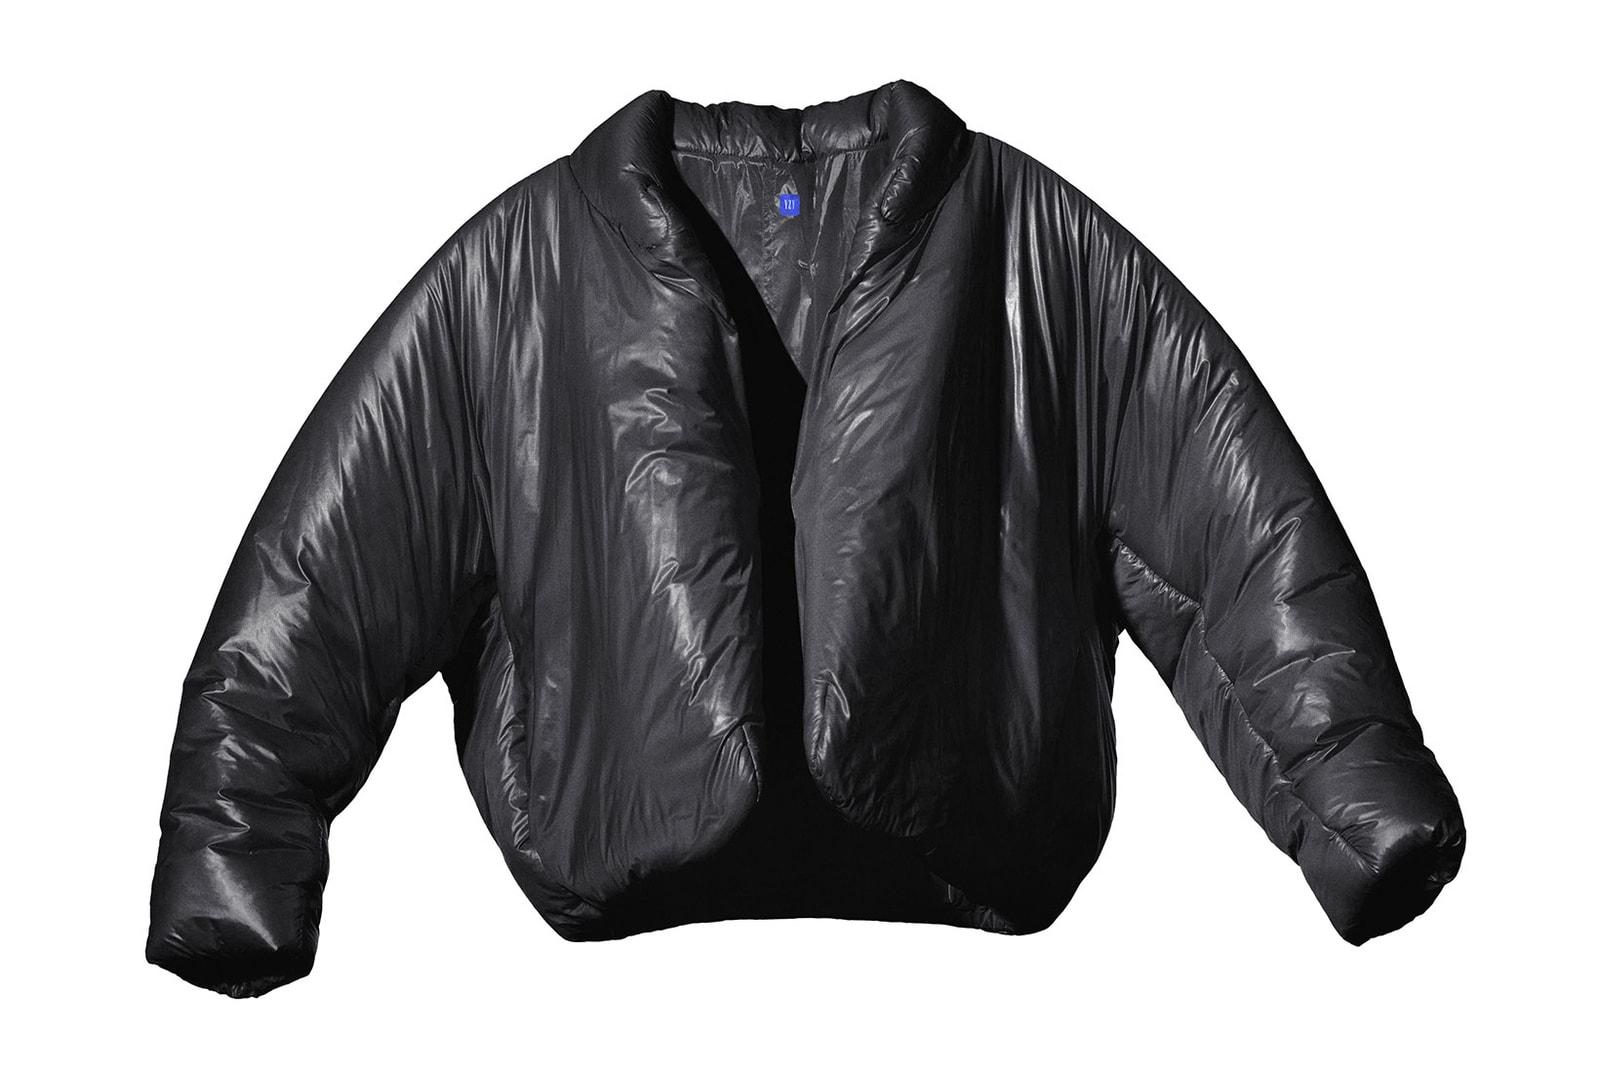 kanye west yeezy gap black round puffer jacket